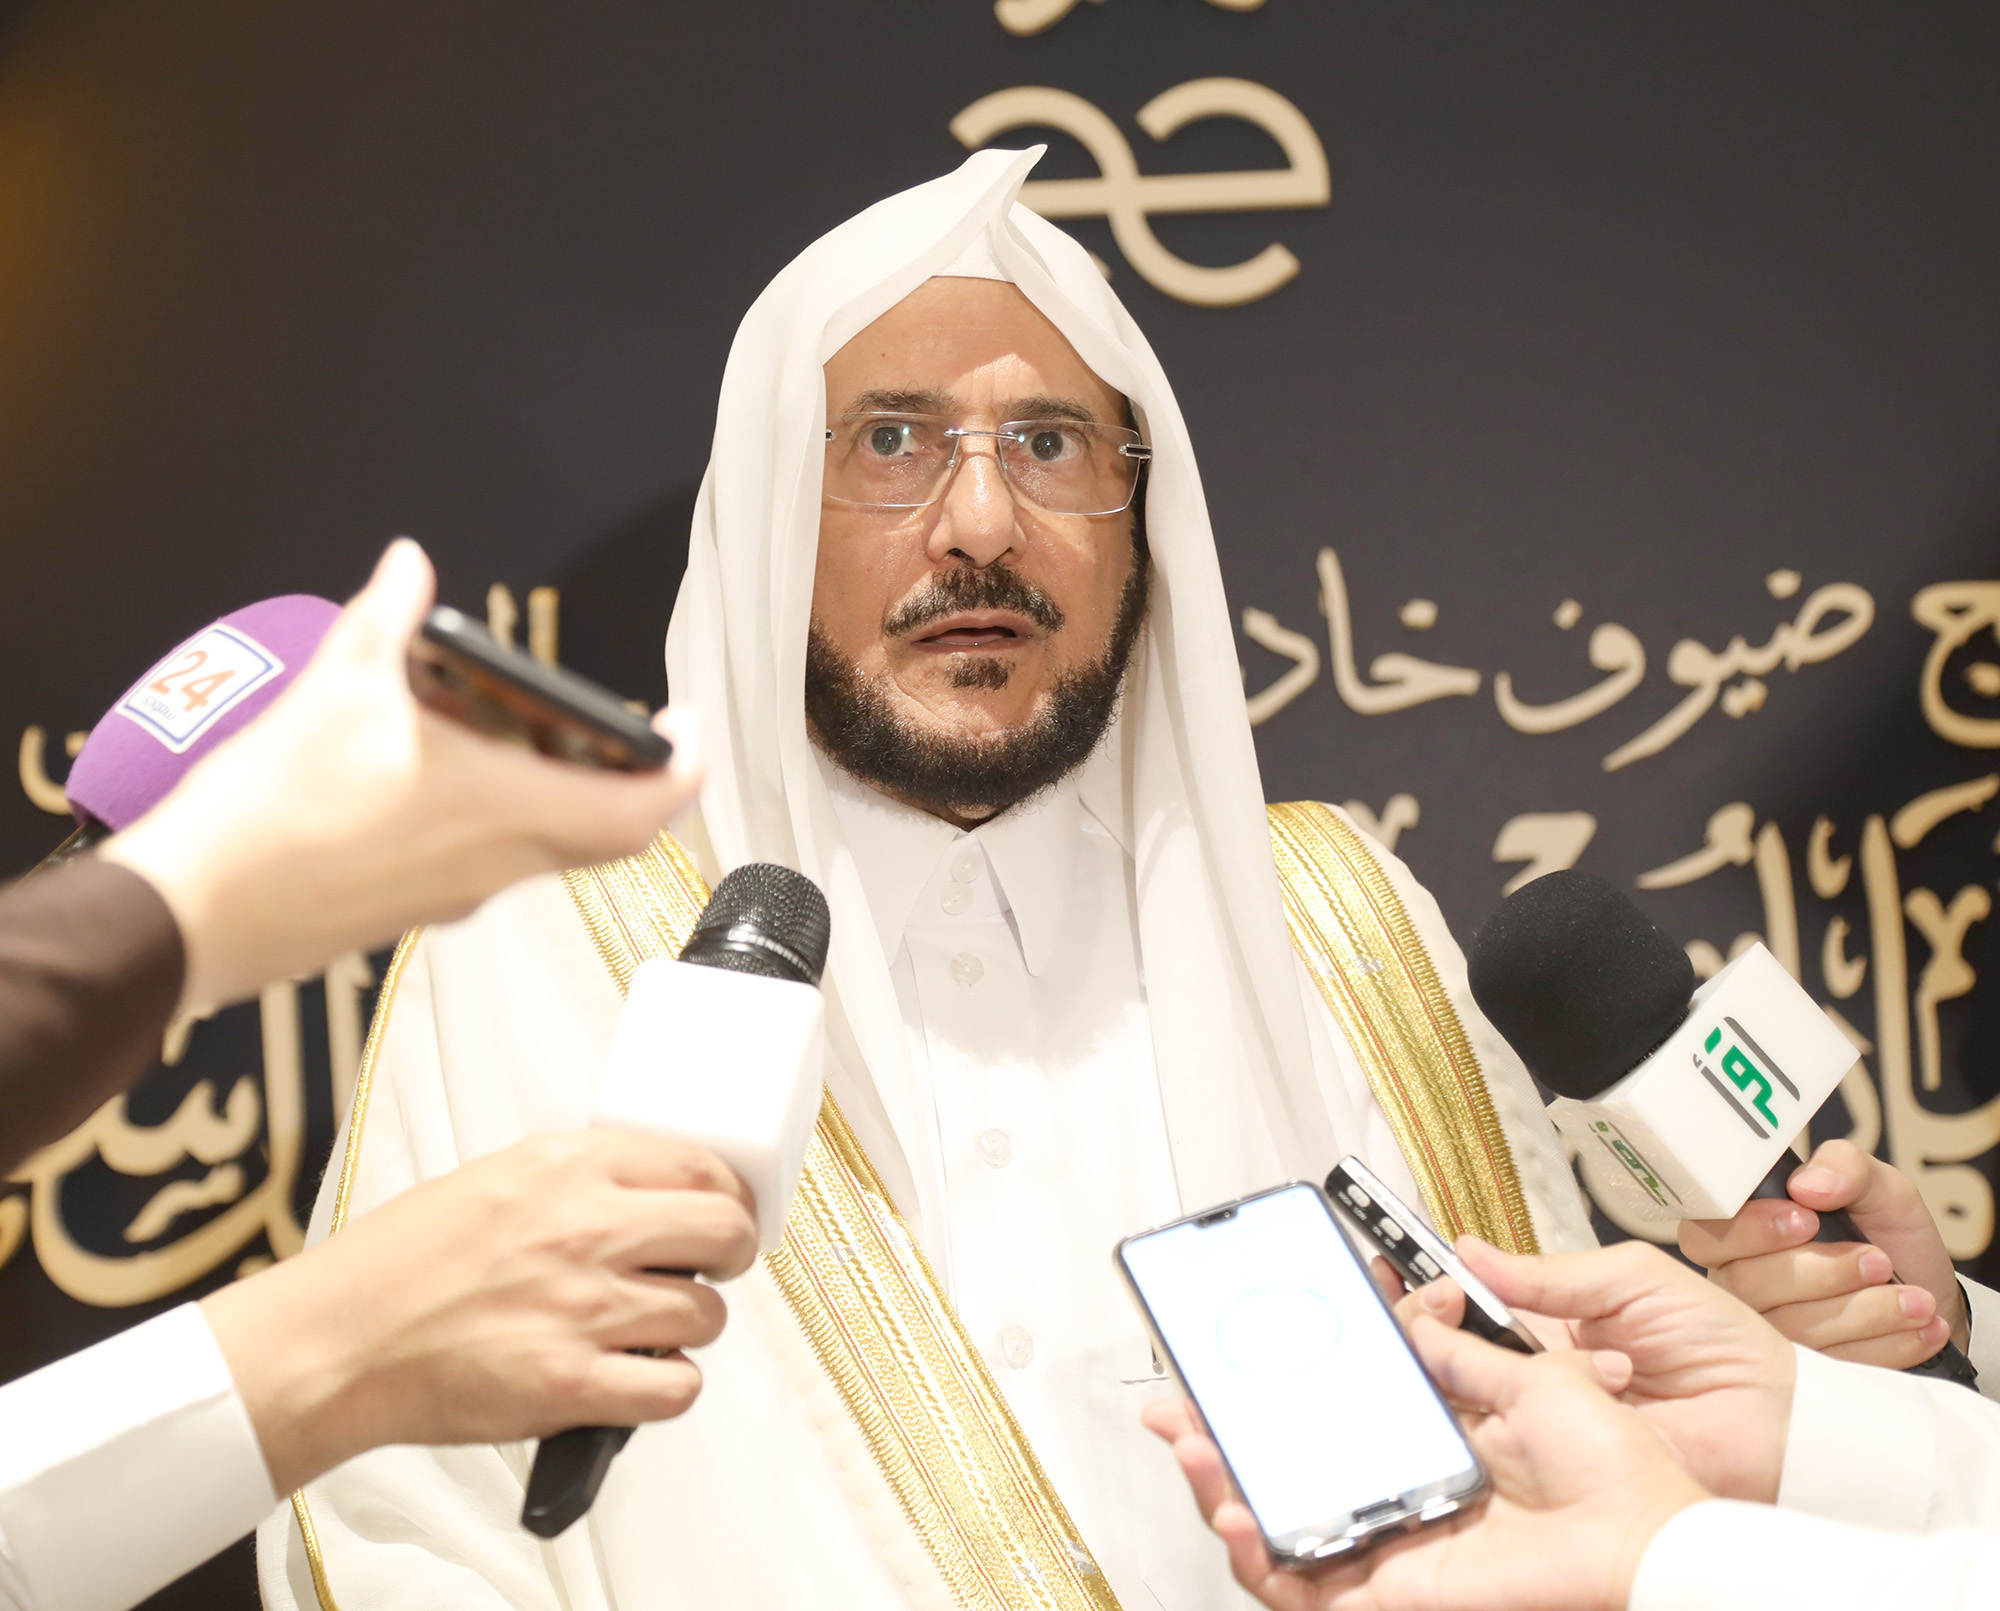 وزير الشؤون الإسلامية: الإساءة للمملكة إساءة للإسلام